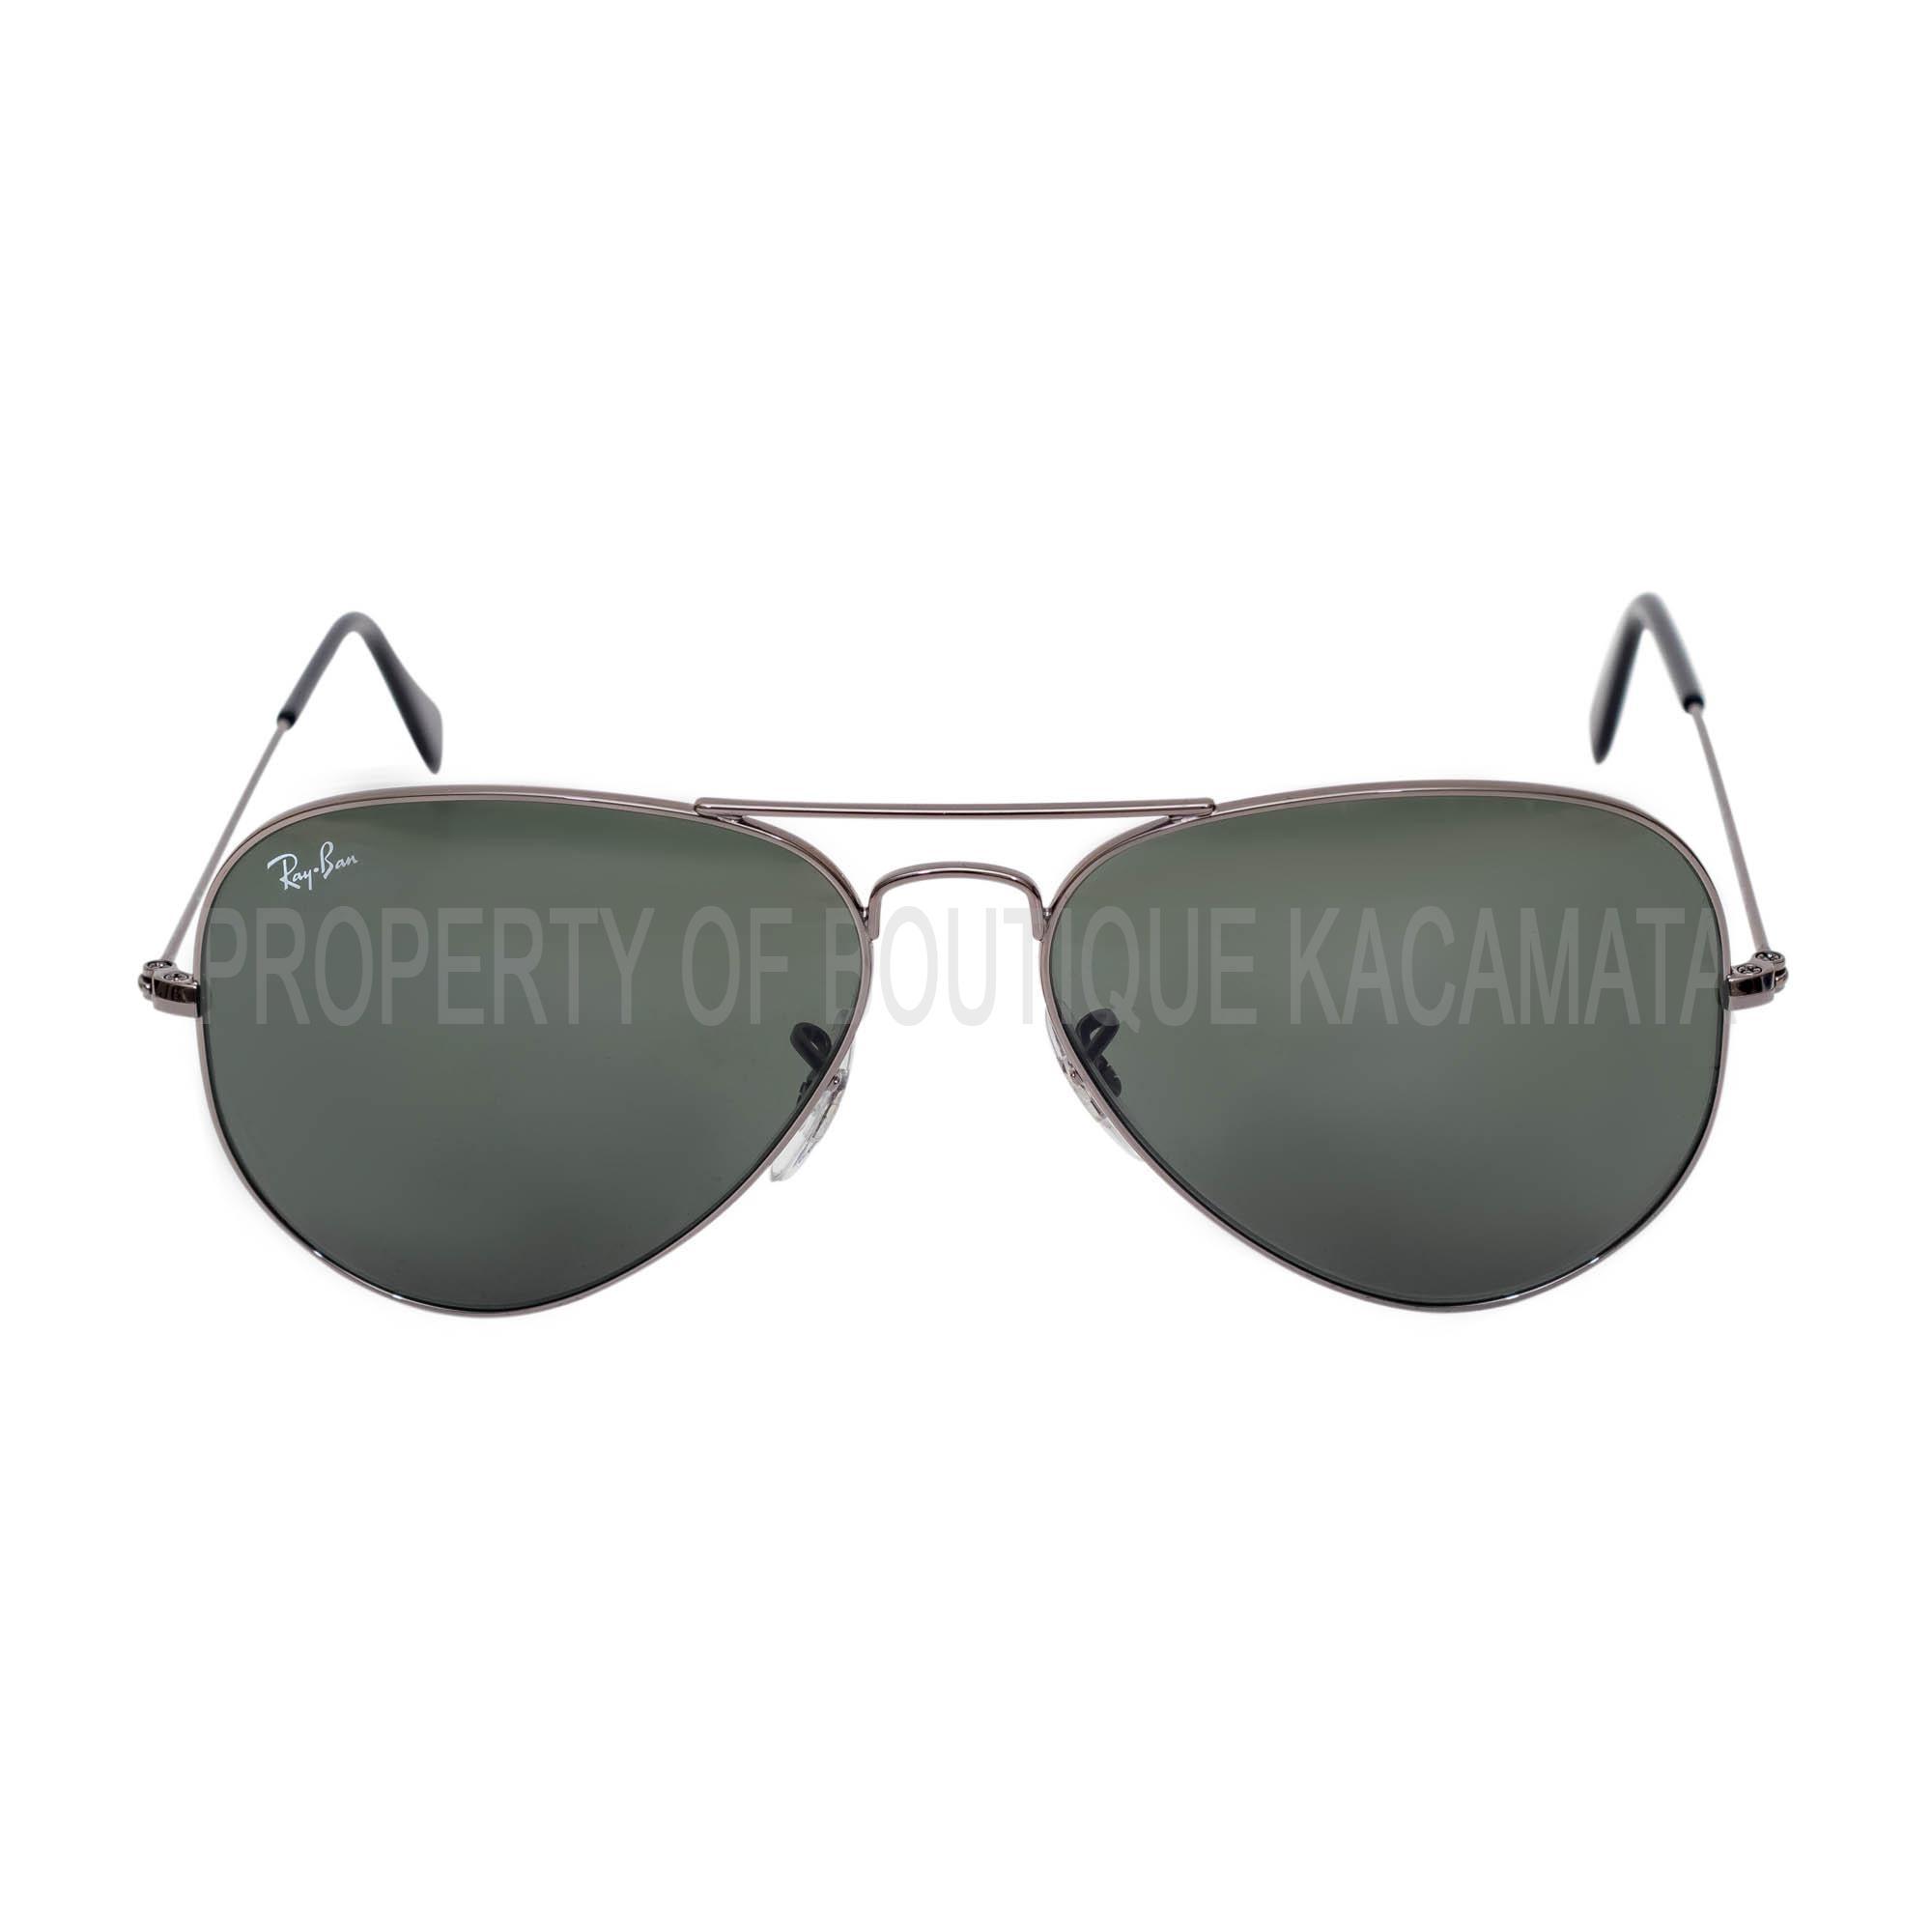 official store kacamata rayban original aviator 3025 w0879 8e5ee 1dfe5 677bb60095